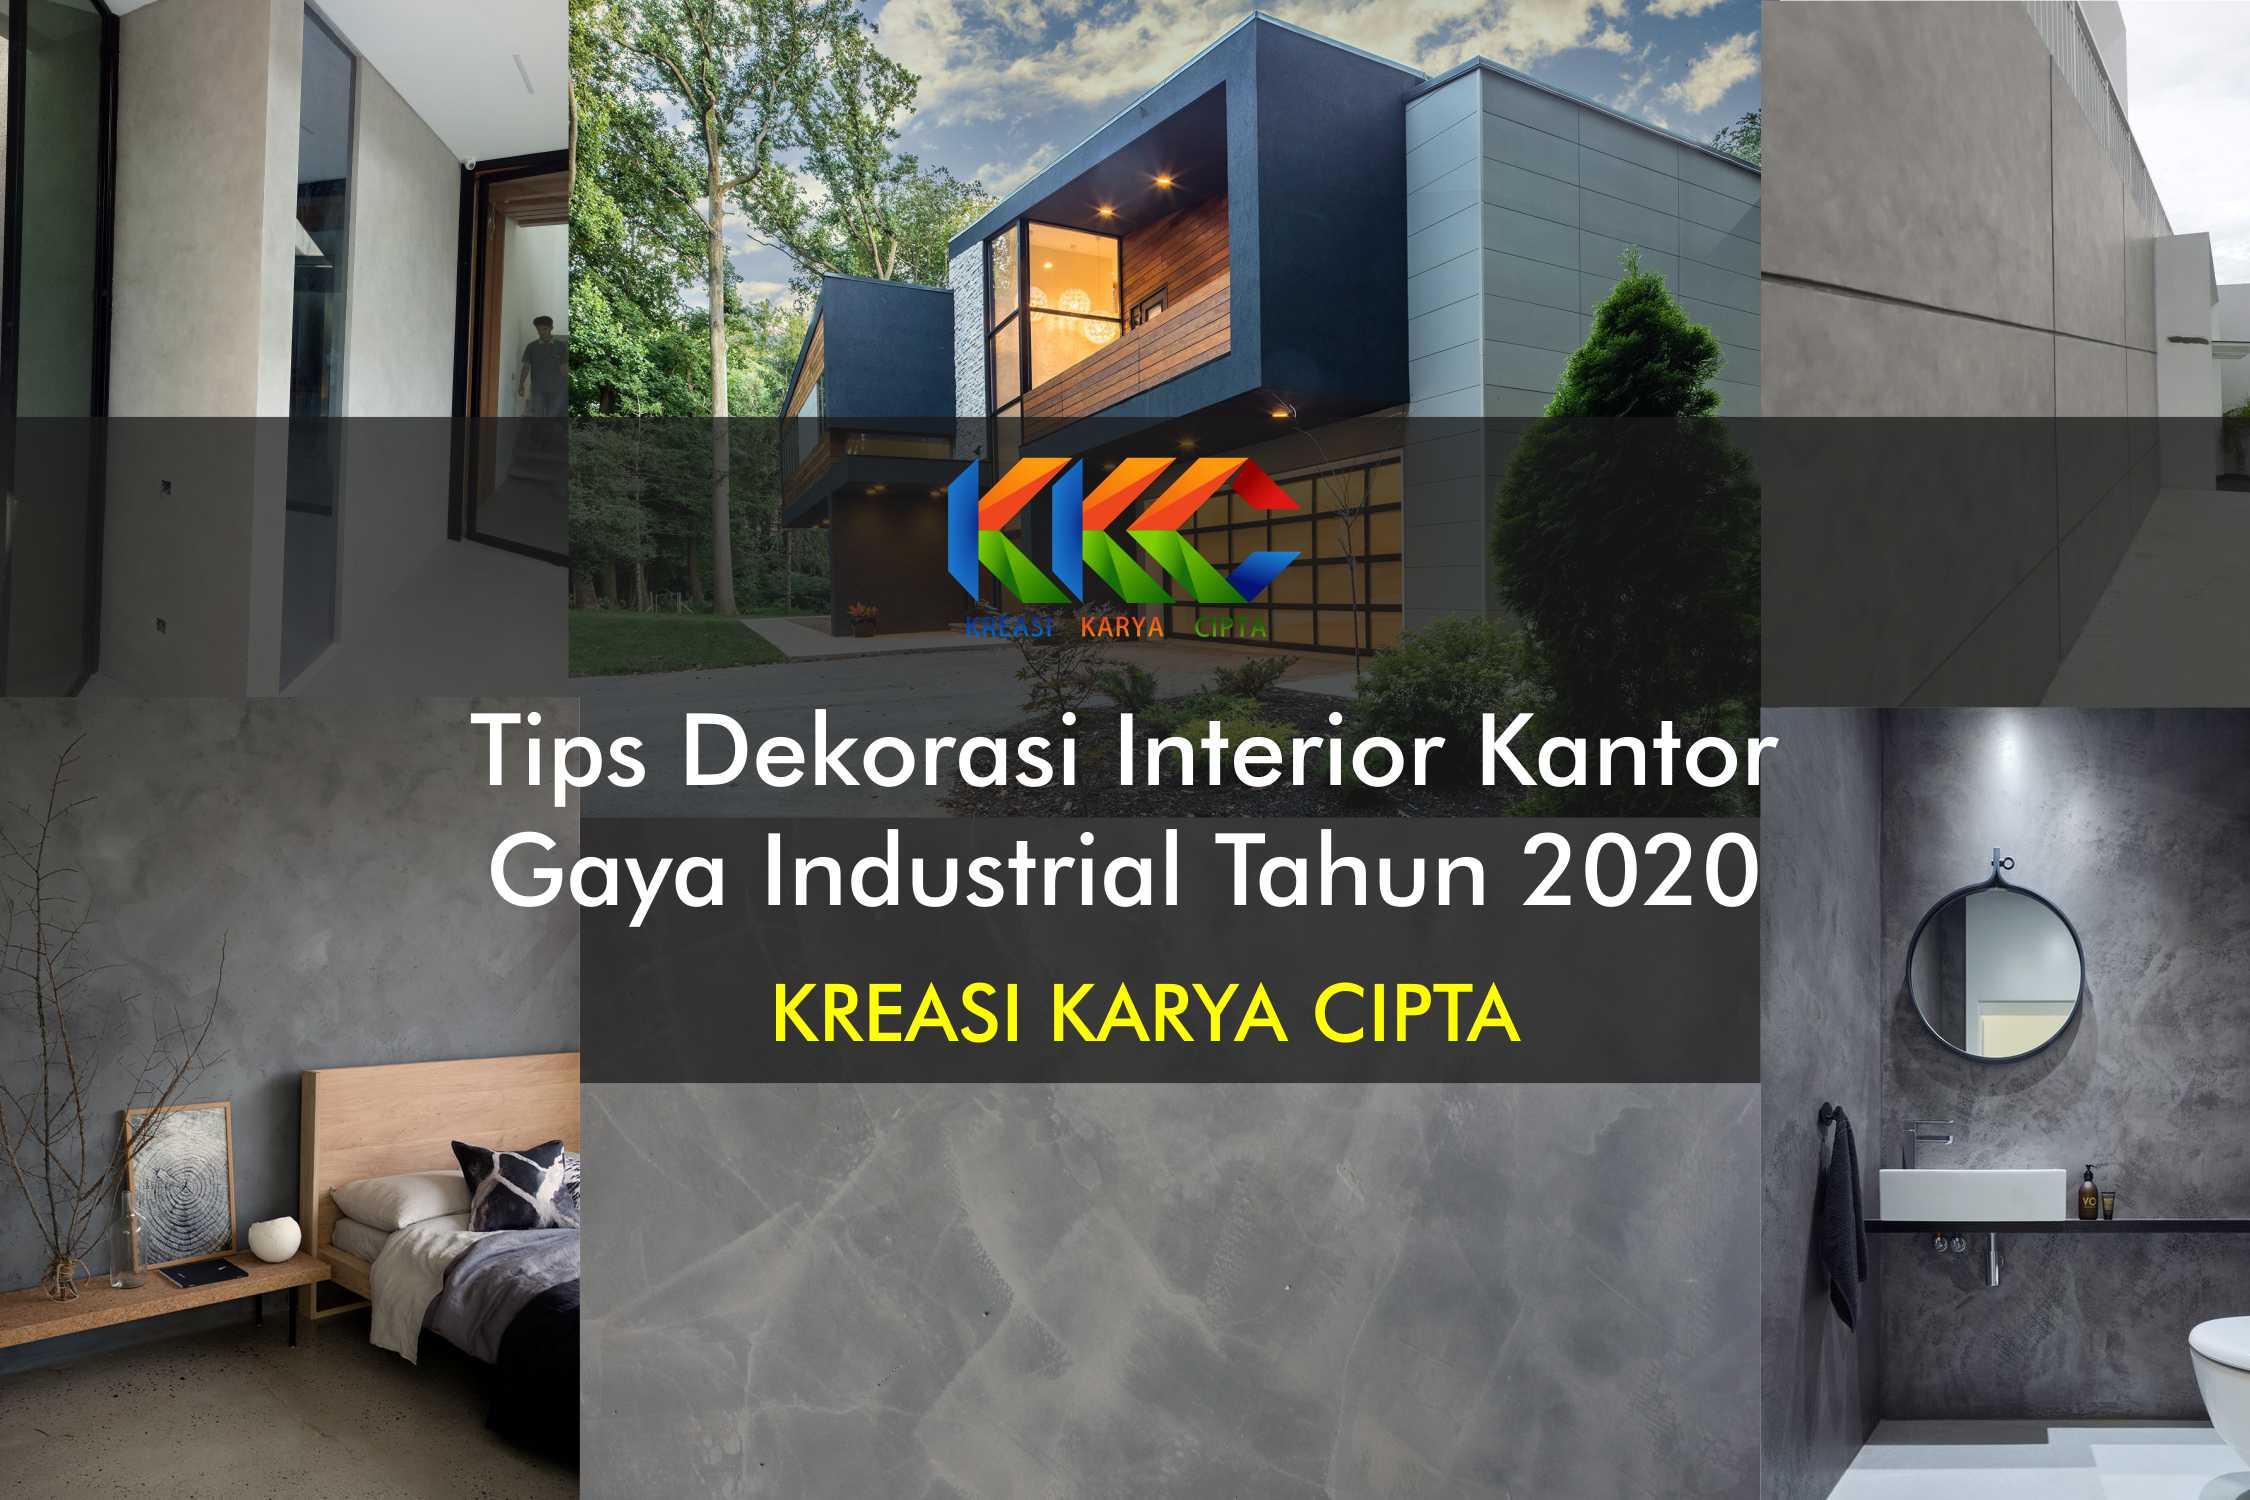 Tips Dekorasi Interior Kantor Gaya Industrial Tahun 2020